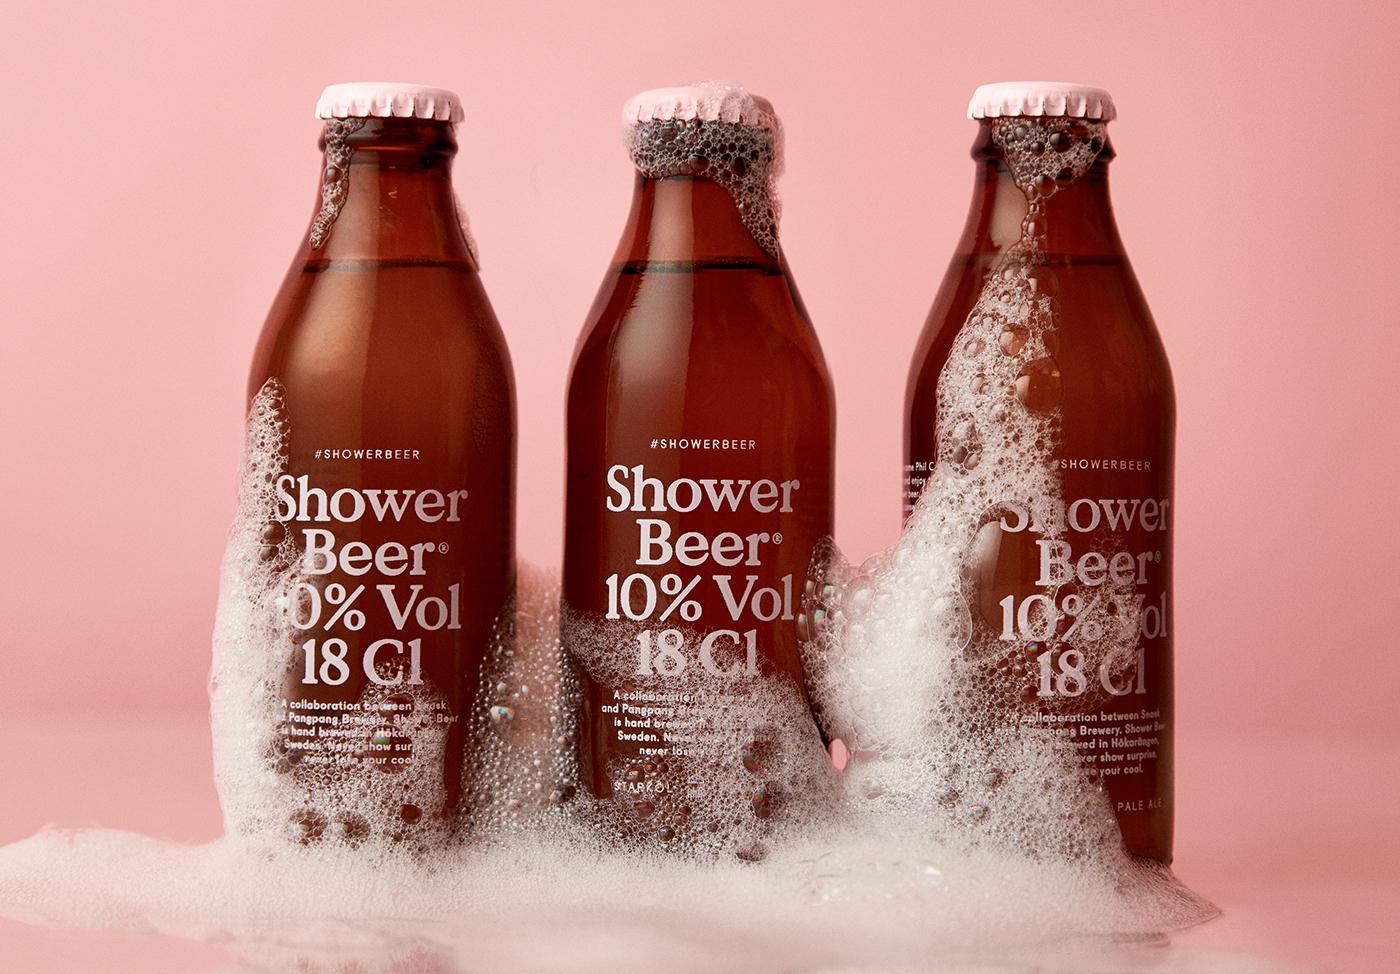 """Sizi Sadece Duşta İçebileceğiniz Biranız """"Shower Beer"""" İle Tanıştıralım"""